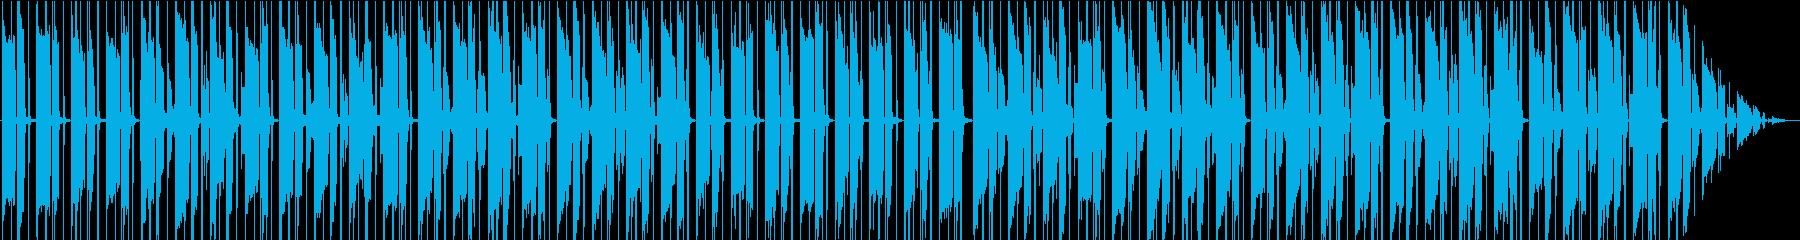 チルアウト・夜・ギターの再生済みの波形